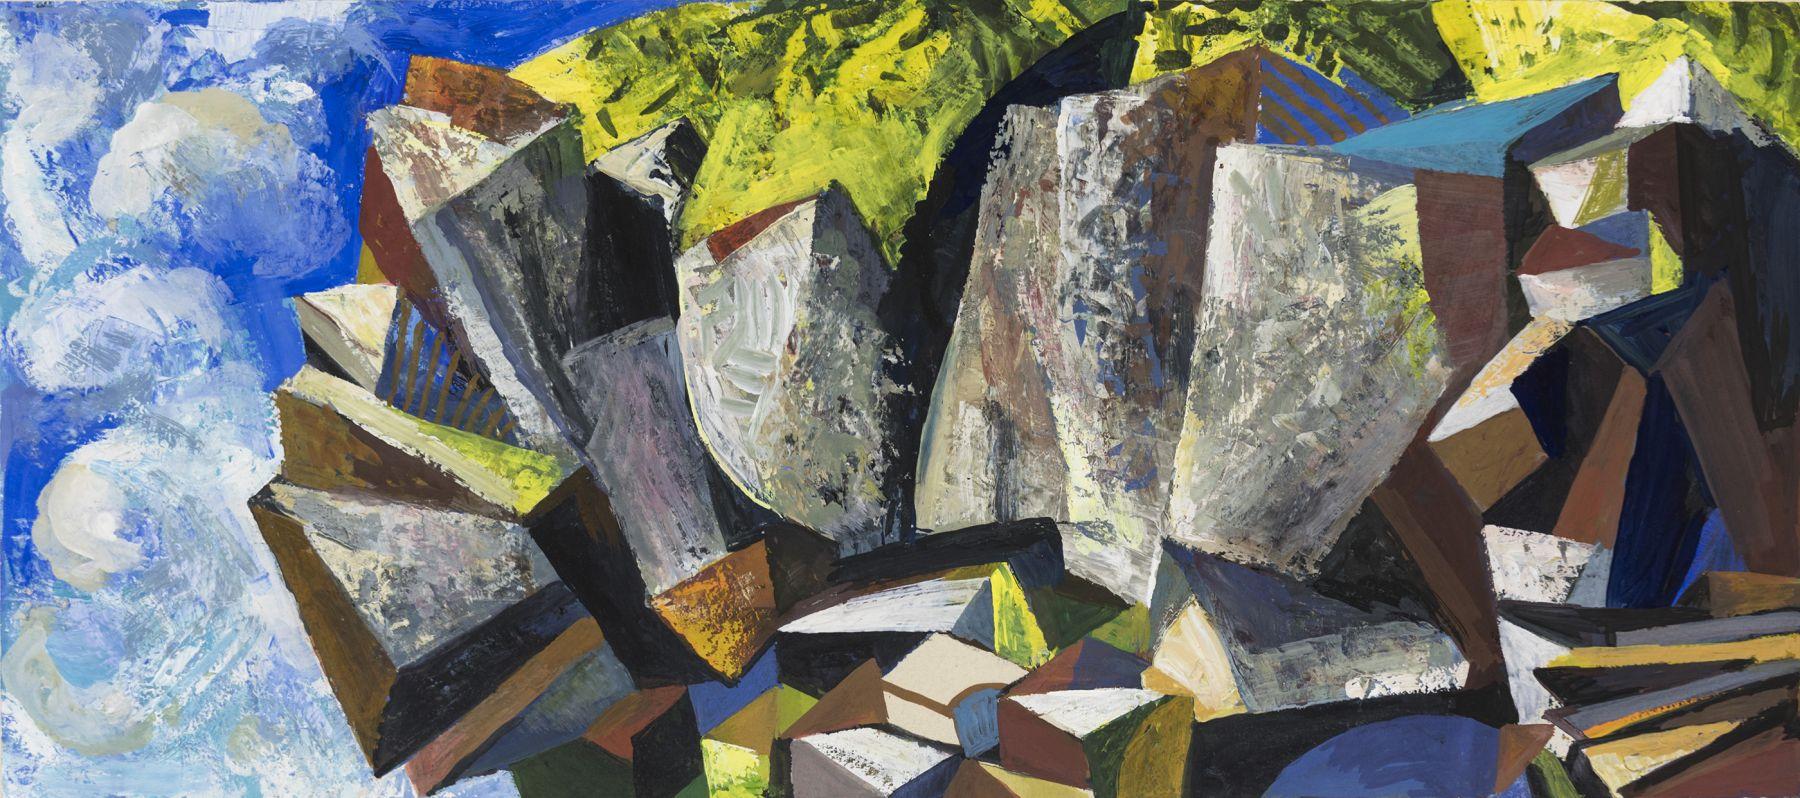 Parker - Exposed Basalt